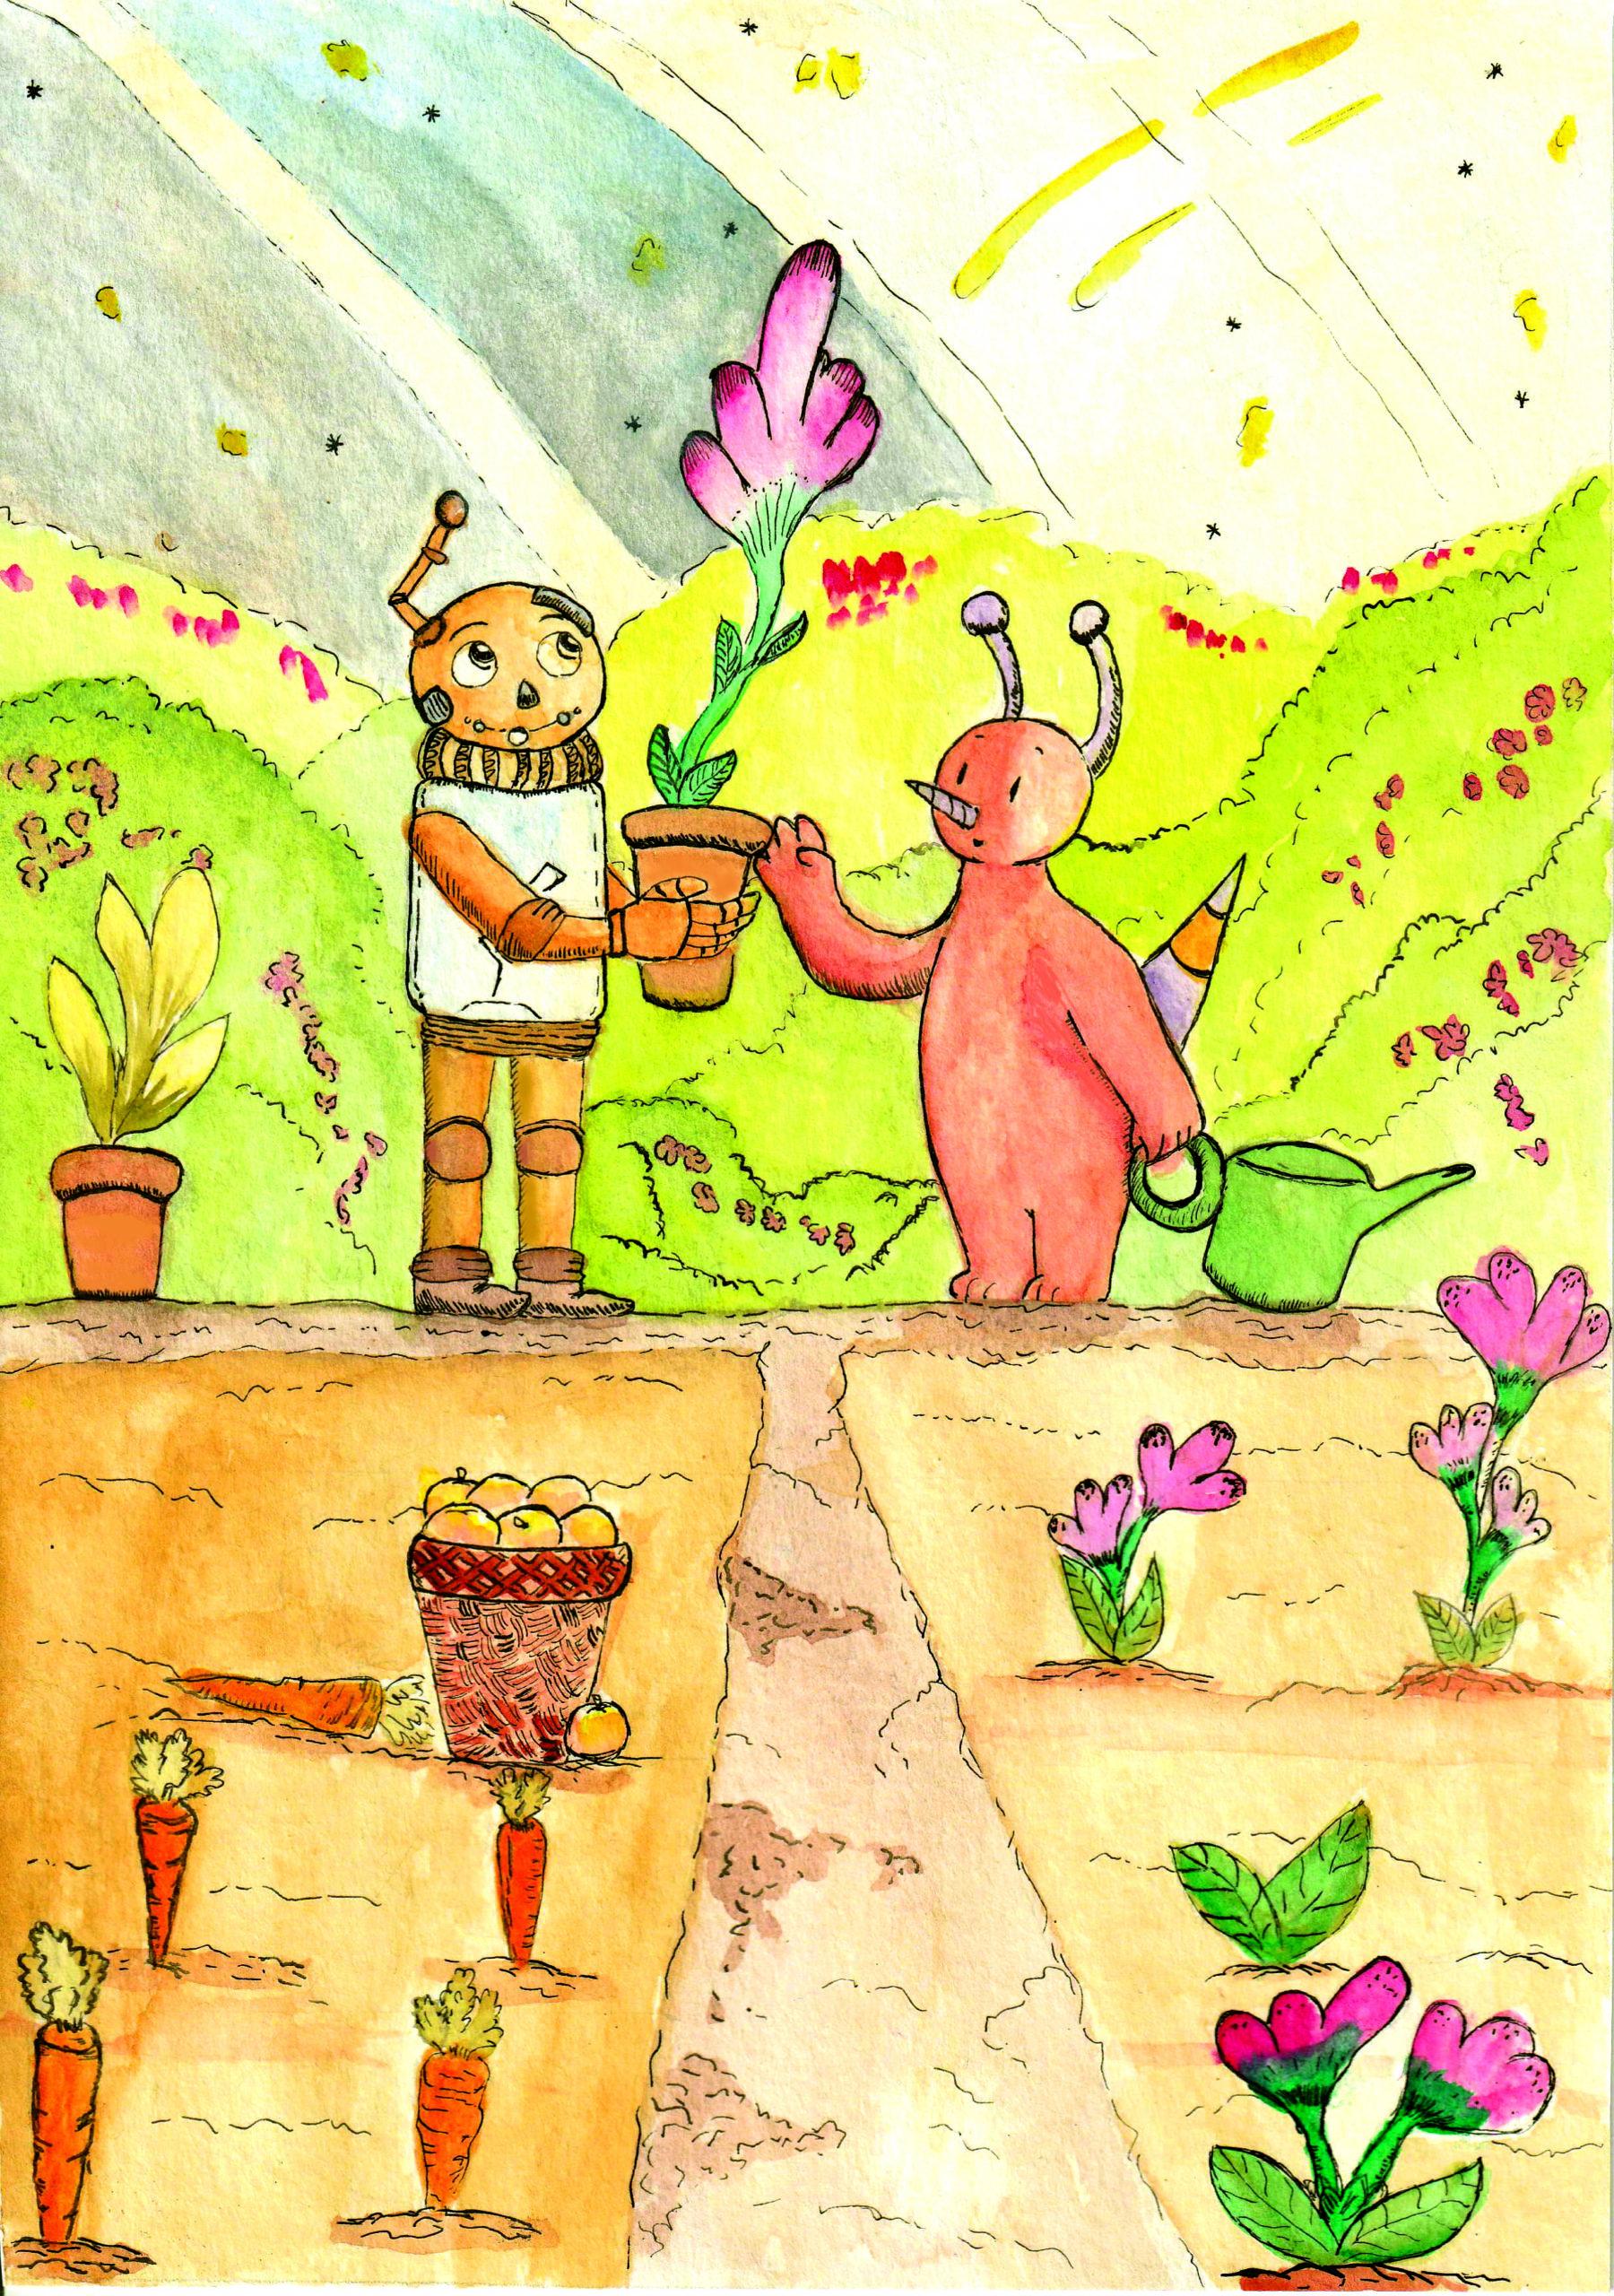 Un robot et son ami extraterrestre prennent soin des plantes.